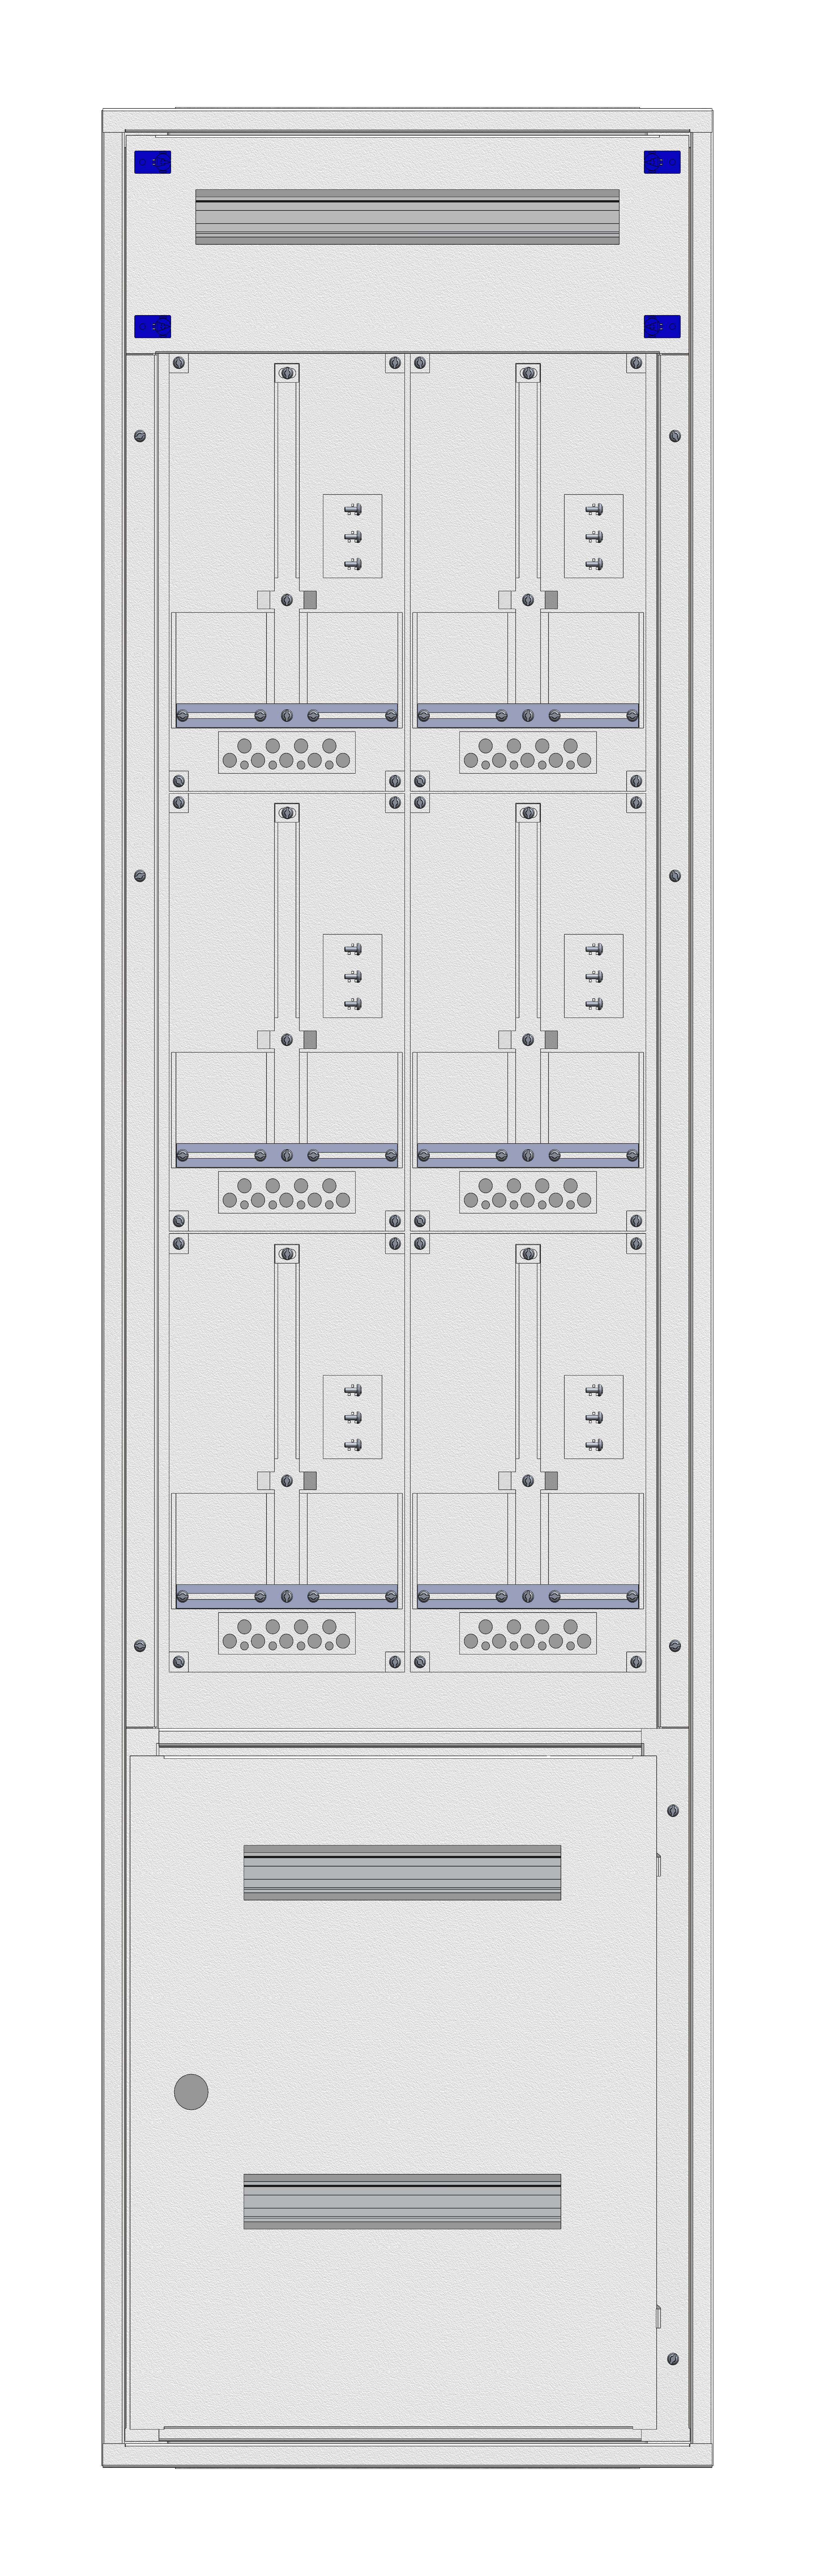 1 Stk Aufputz-Zählerverteiler 2A-42M/STMK 6ZP, H2025B590T250mm IL168242GS